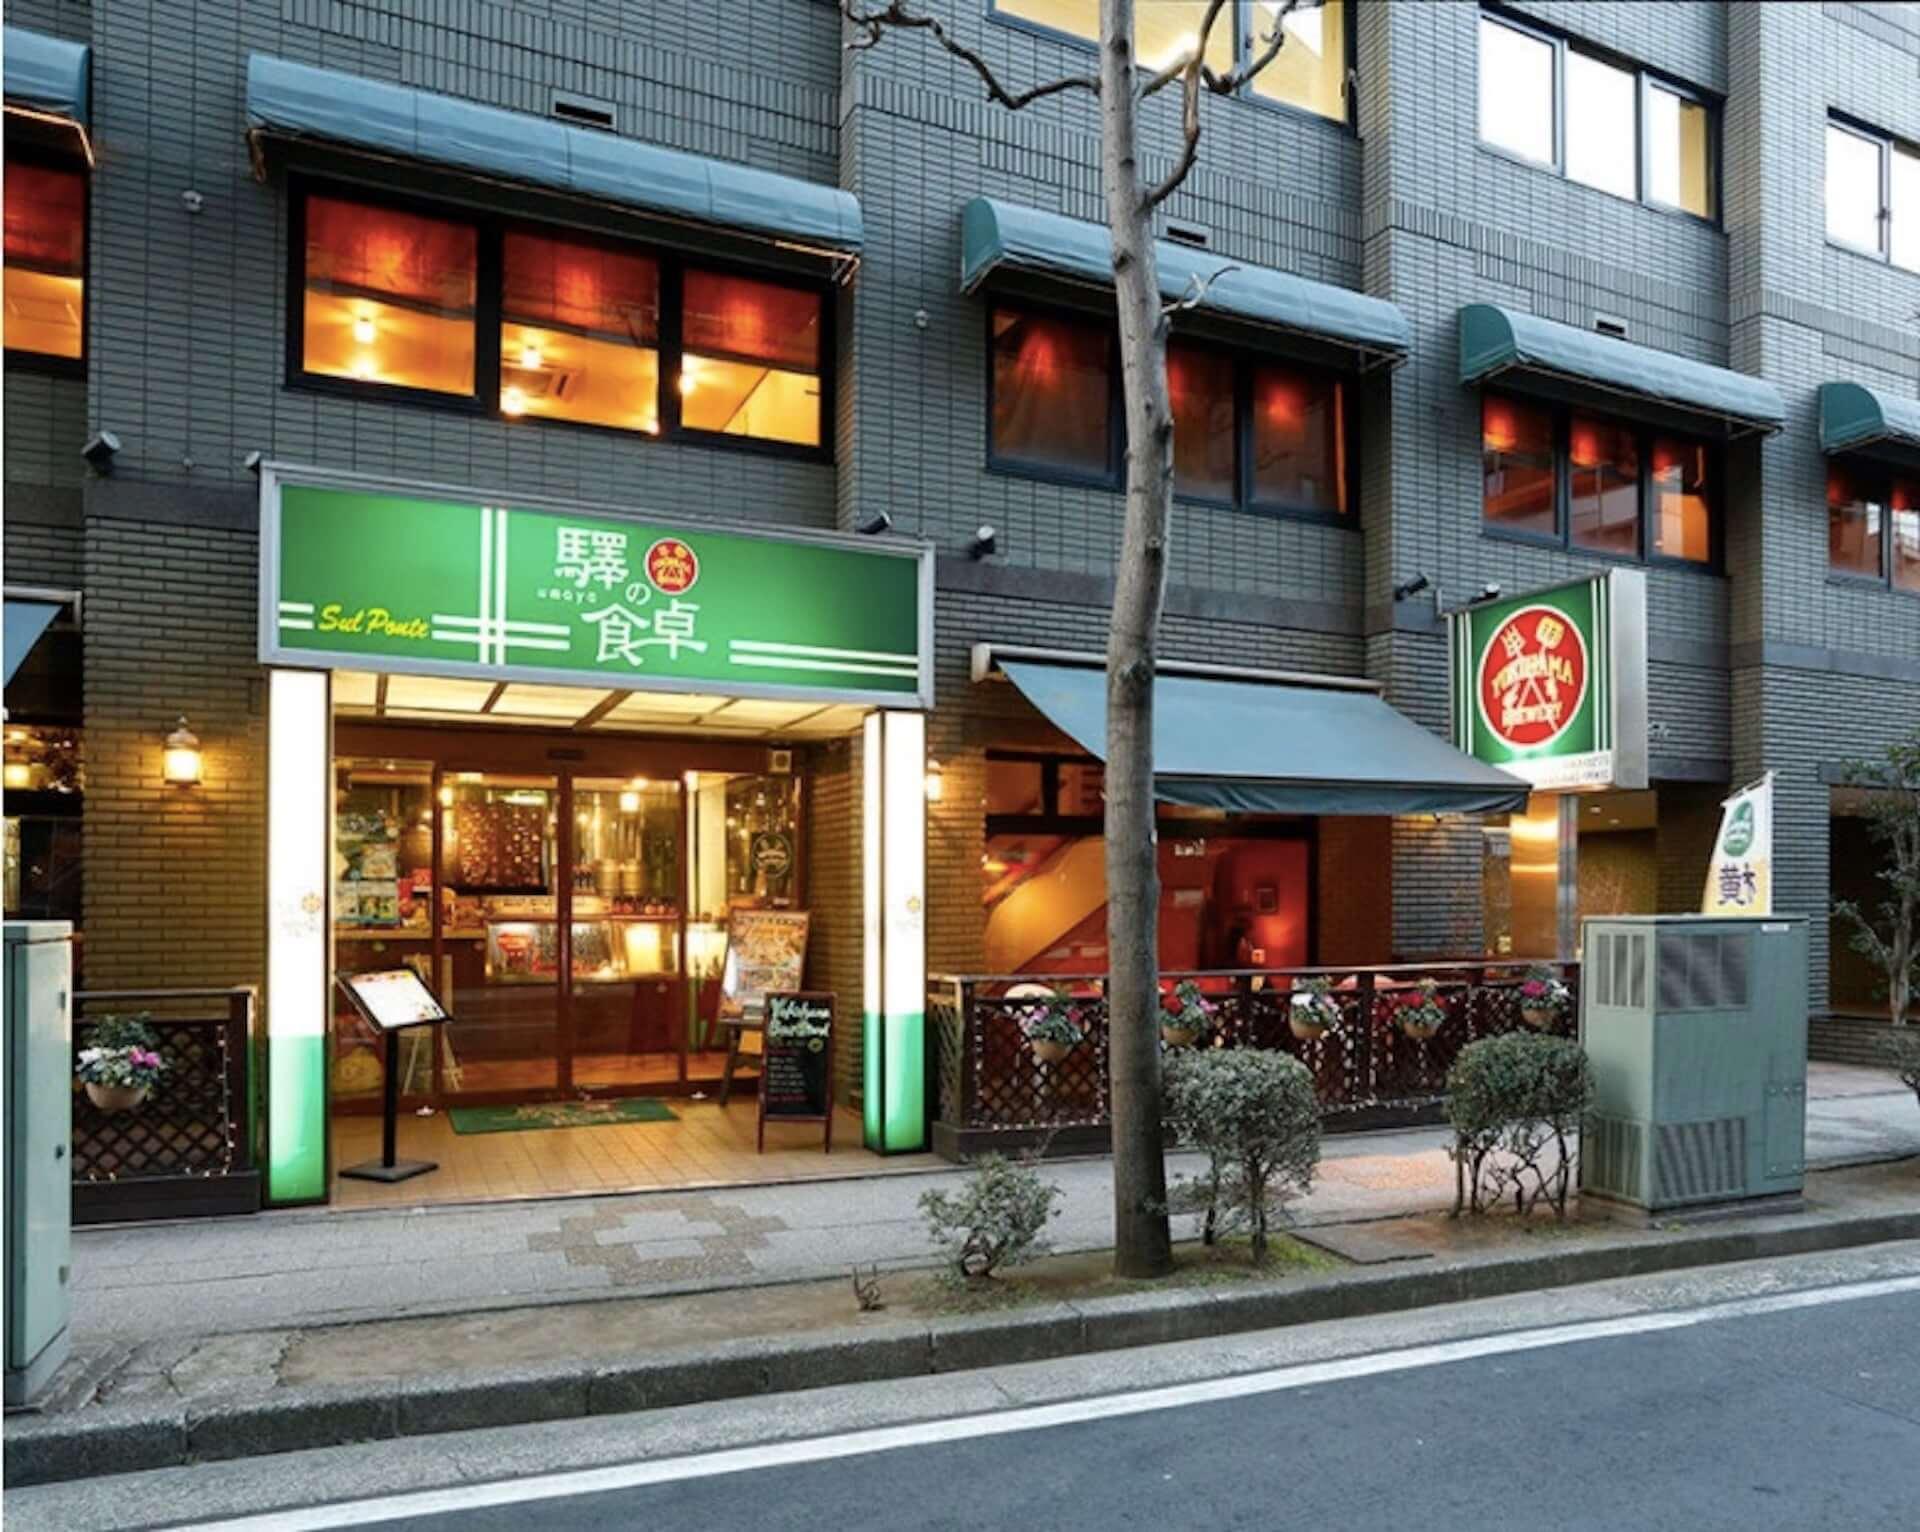 クラフトビールメーカー「横浜ビール」初の缶ビールが発売決定!オリジナルTシャツなどがもらえるSNSキャンペーンも gourmet201210_yokohamabeer_4-1920x1532